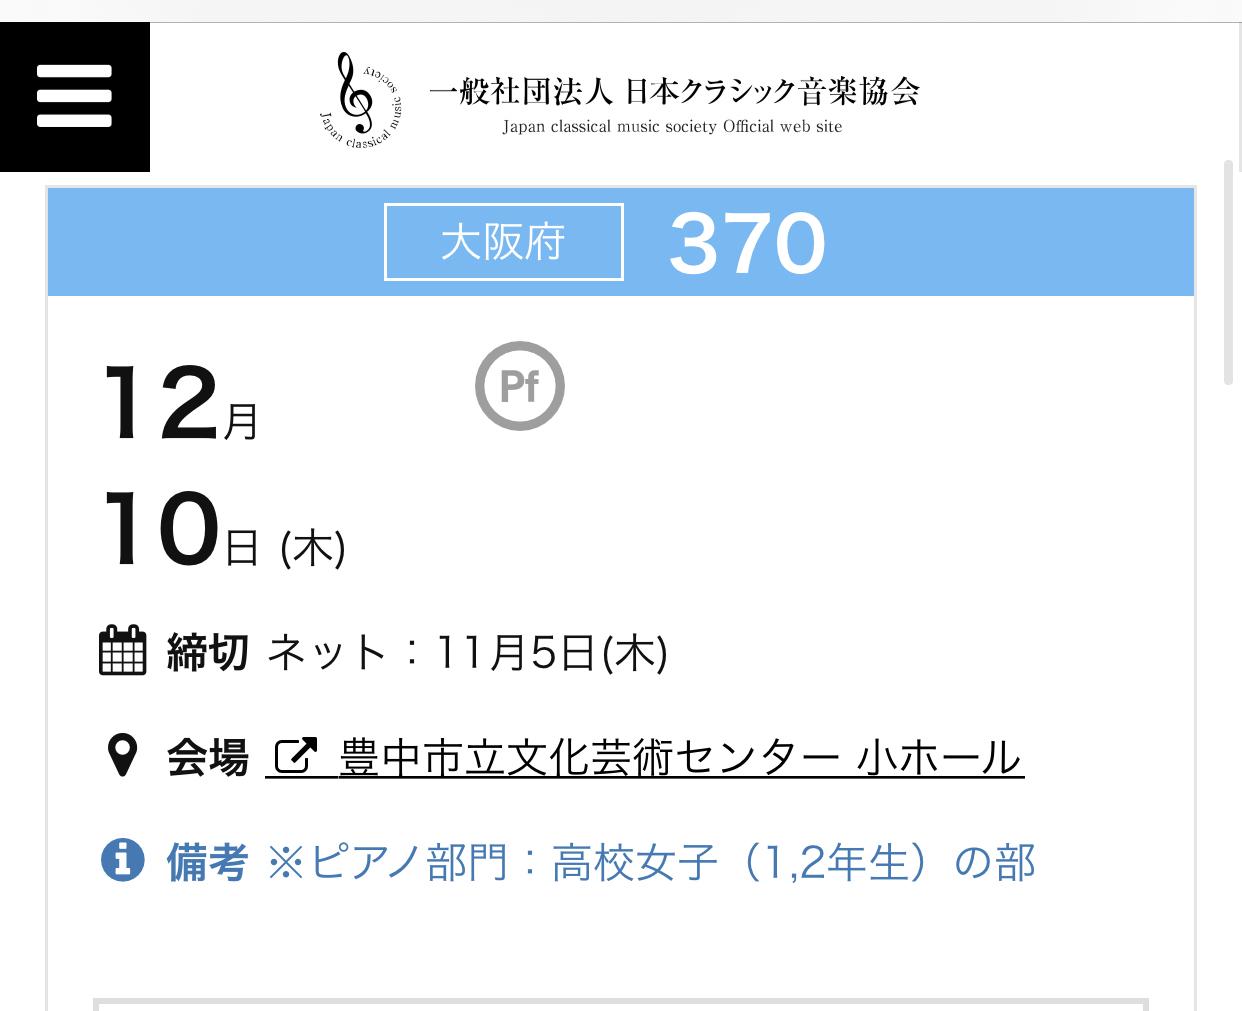 第30回日本クラシック音楽コンクール、ピアノ部門高校の部、全国大会に出場おめでとうございます㊗️_b0191609_13305815.jpg